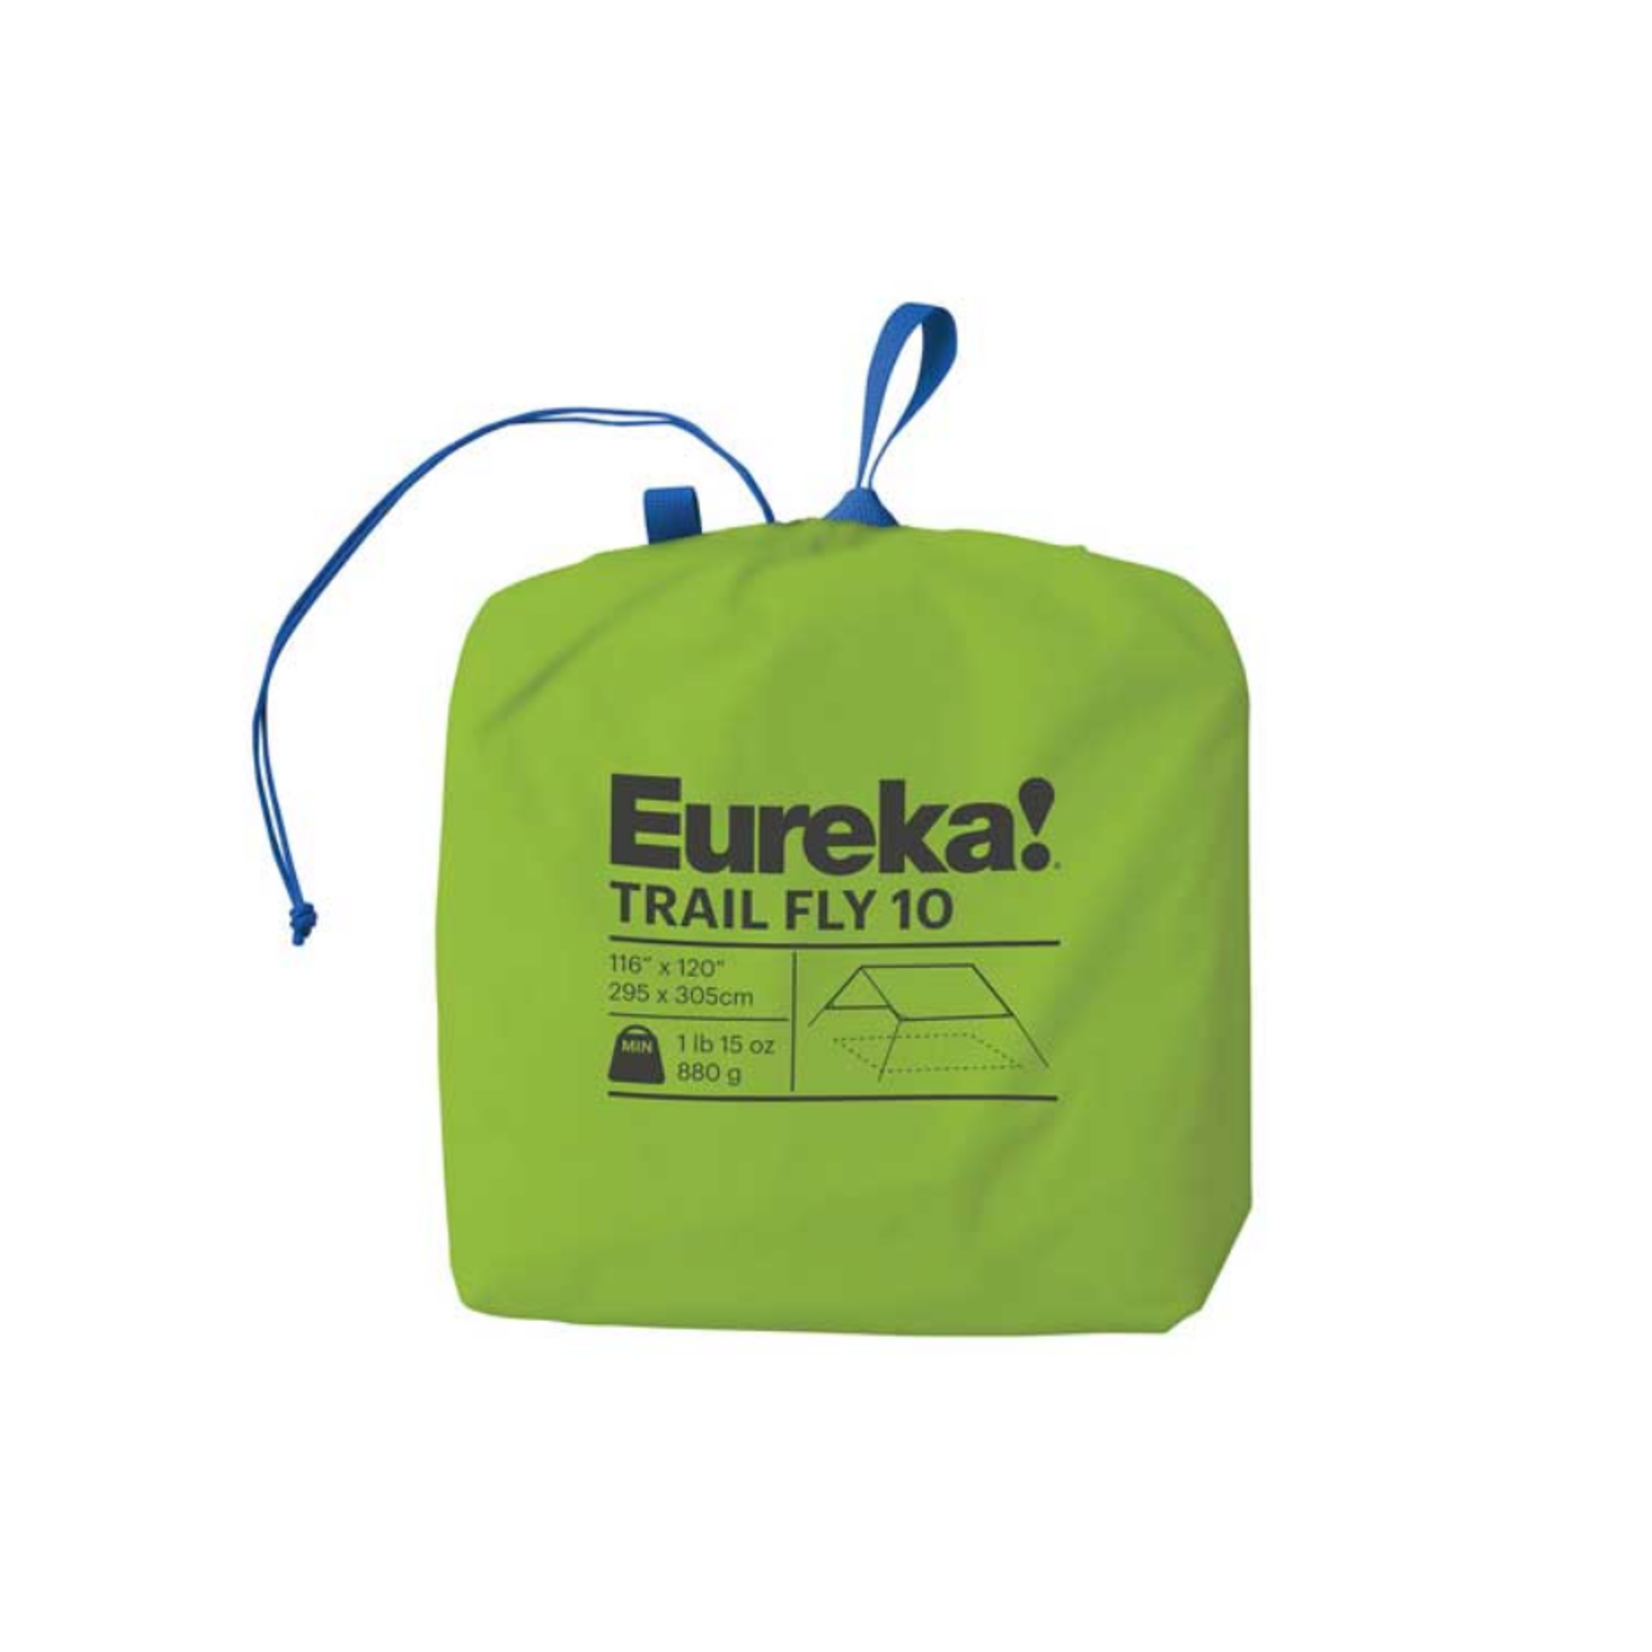 Eureka Trail Fly 10